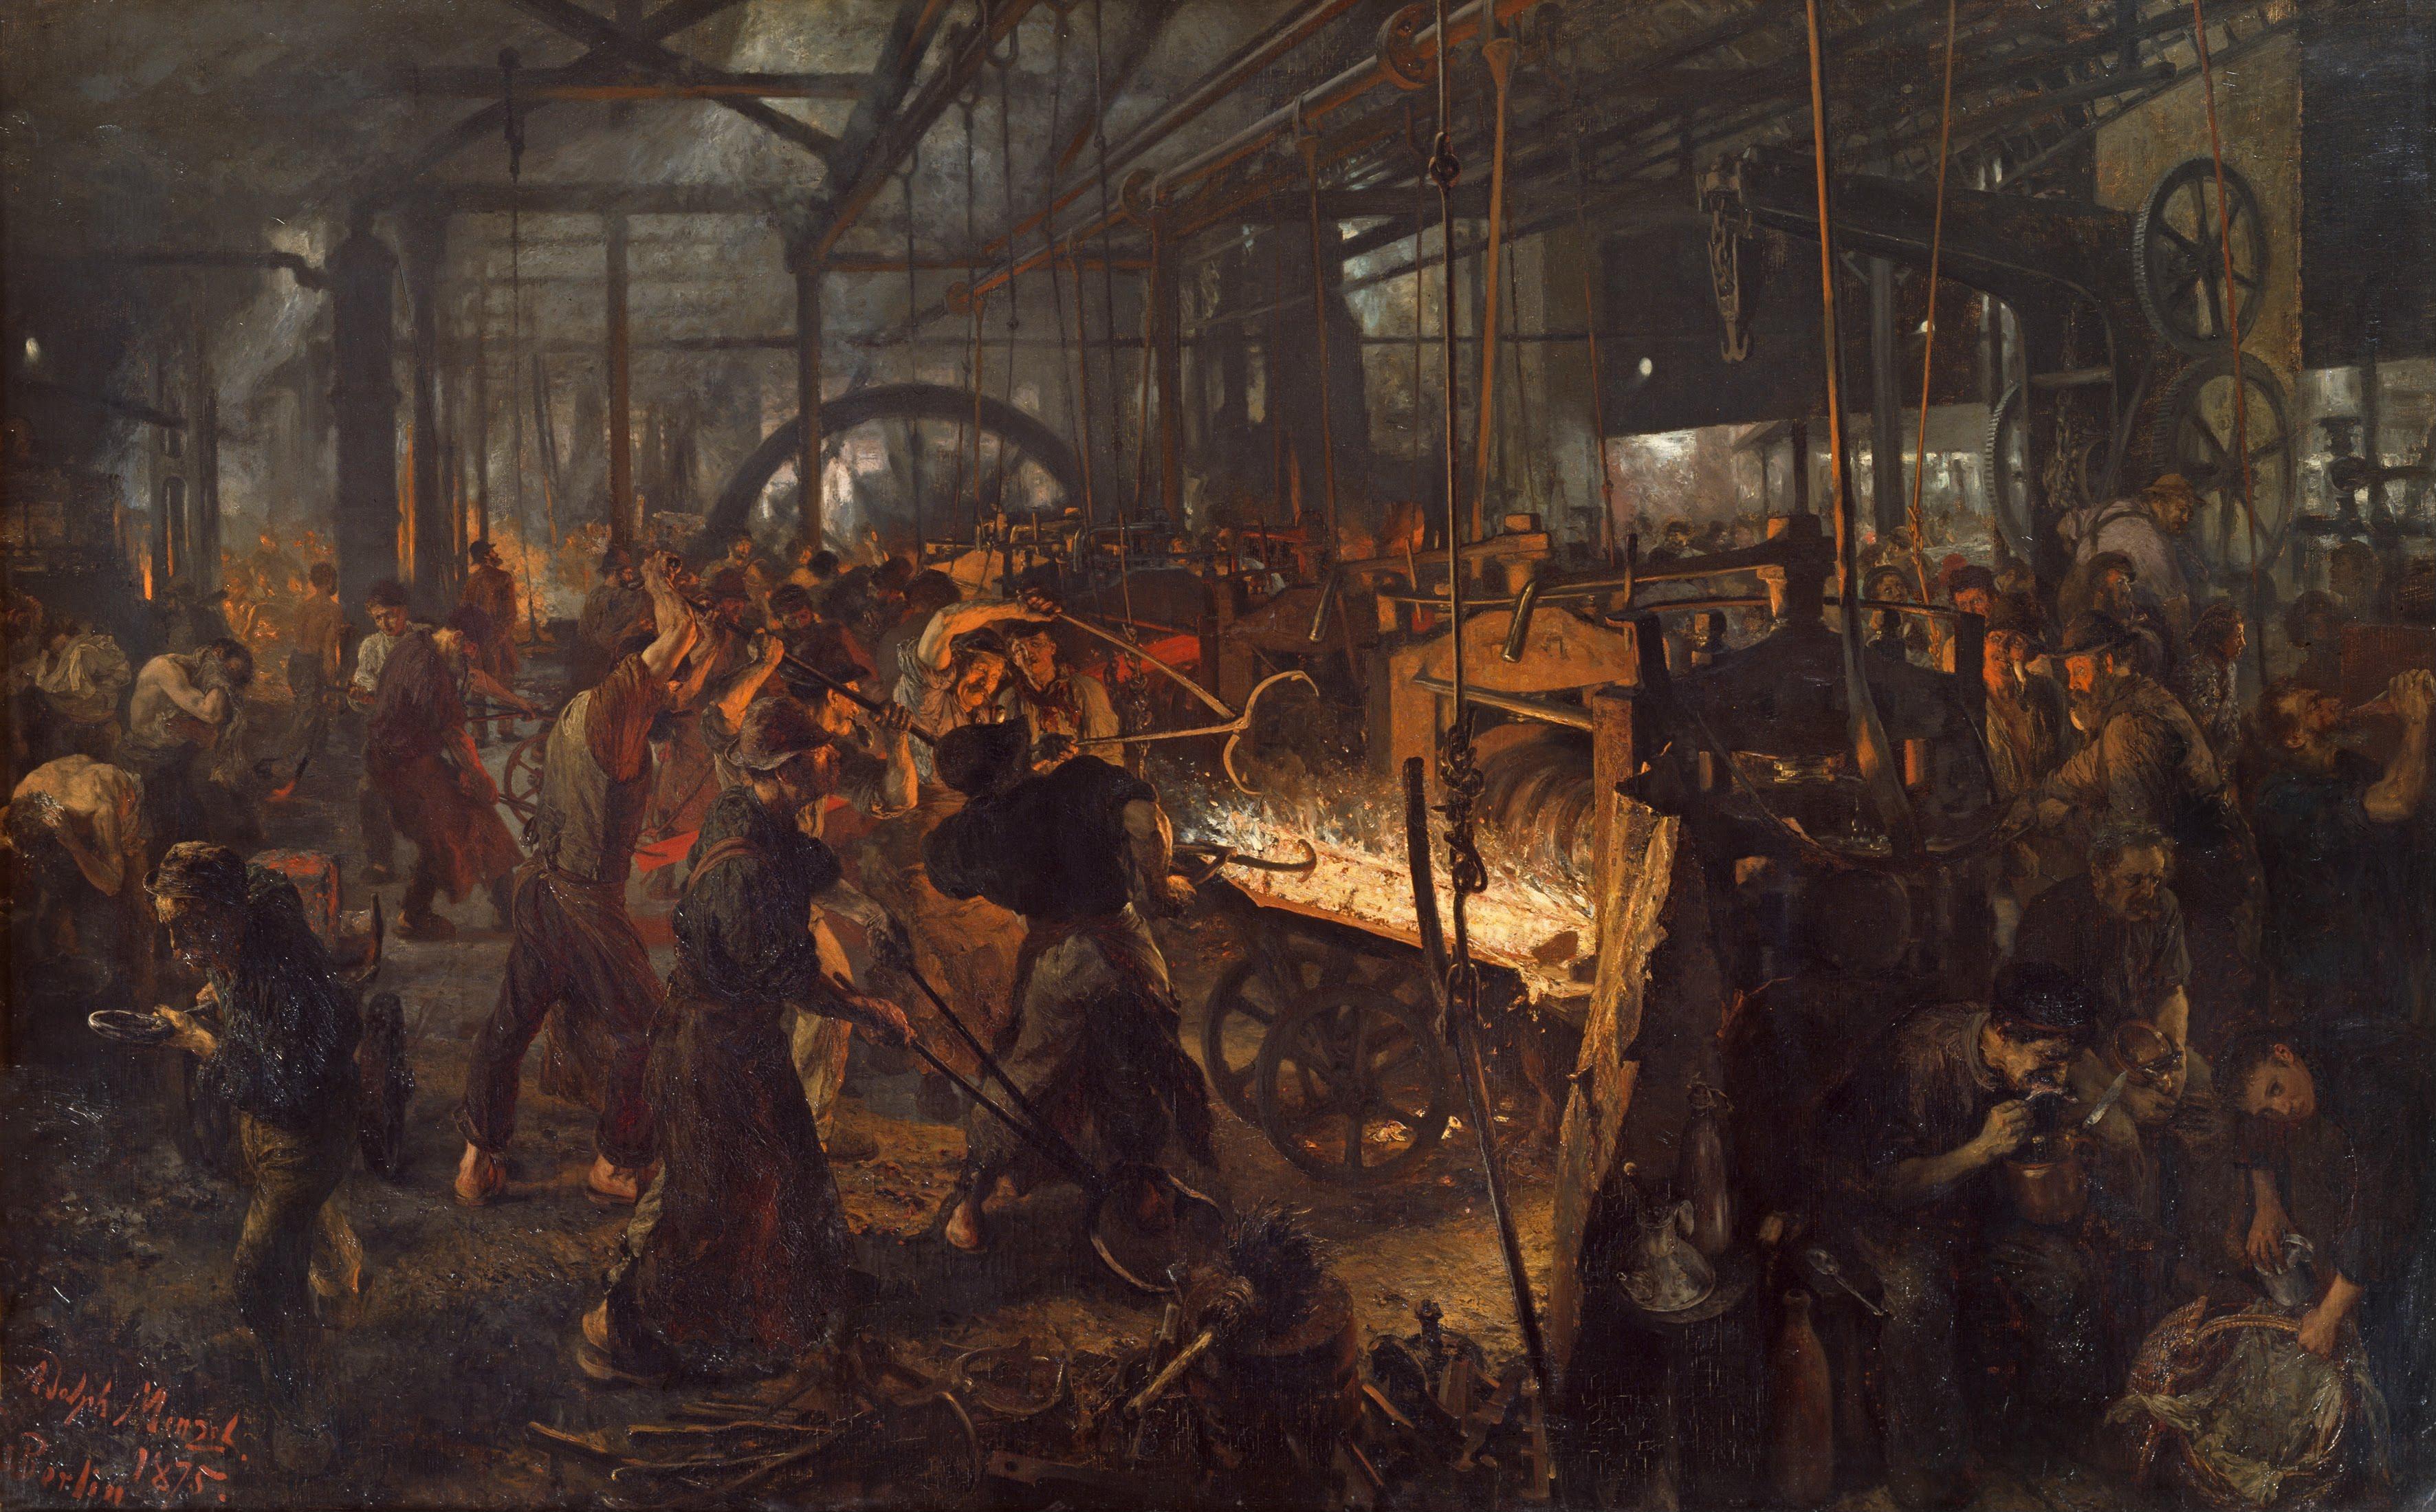 Eisenwalzwerk, Ölgemälde Von Adolph Von Menzel, 1875